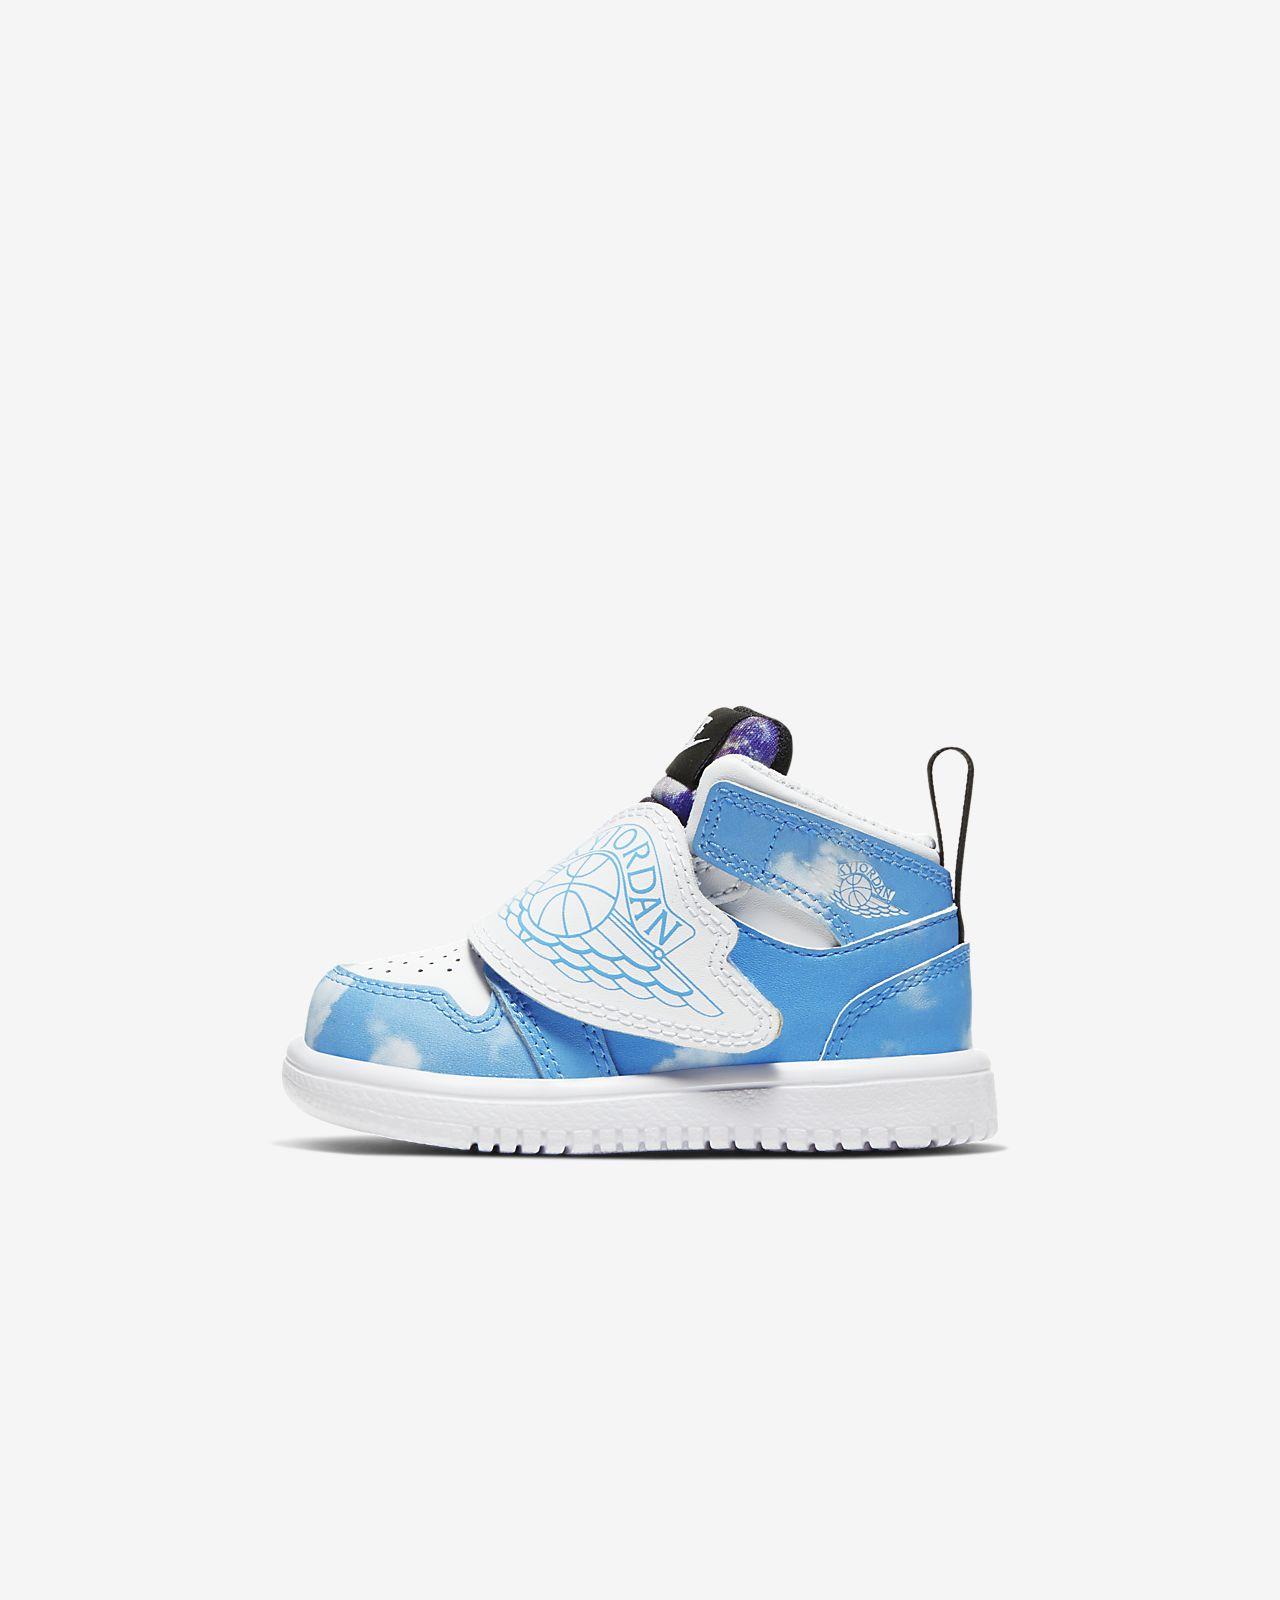 Sky Jordan 1 Fearless Schoen voor baby'speuters